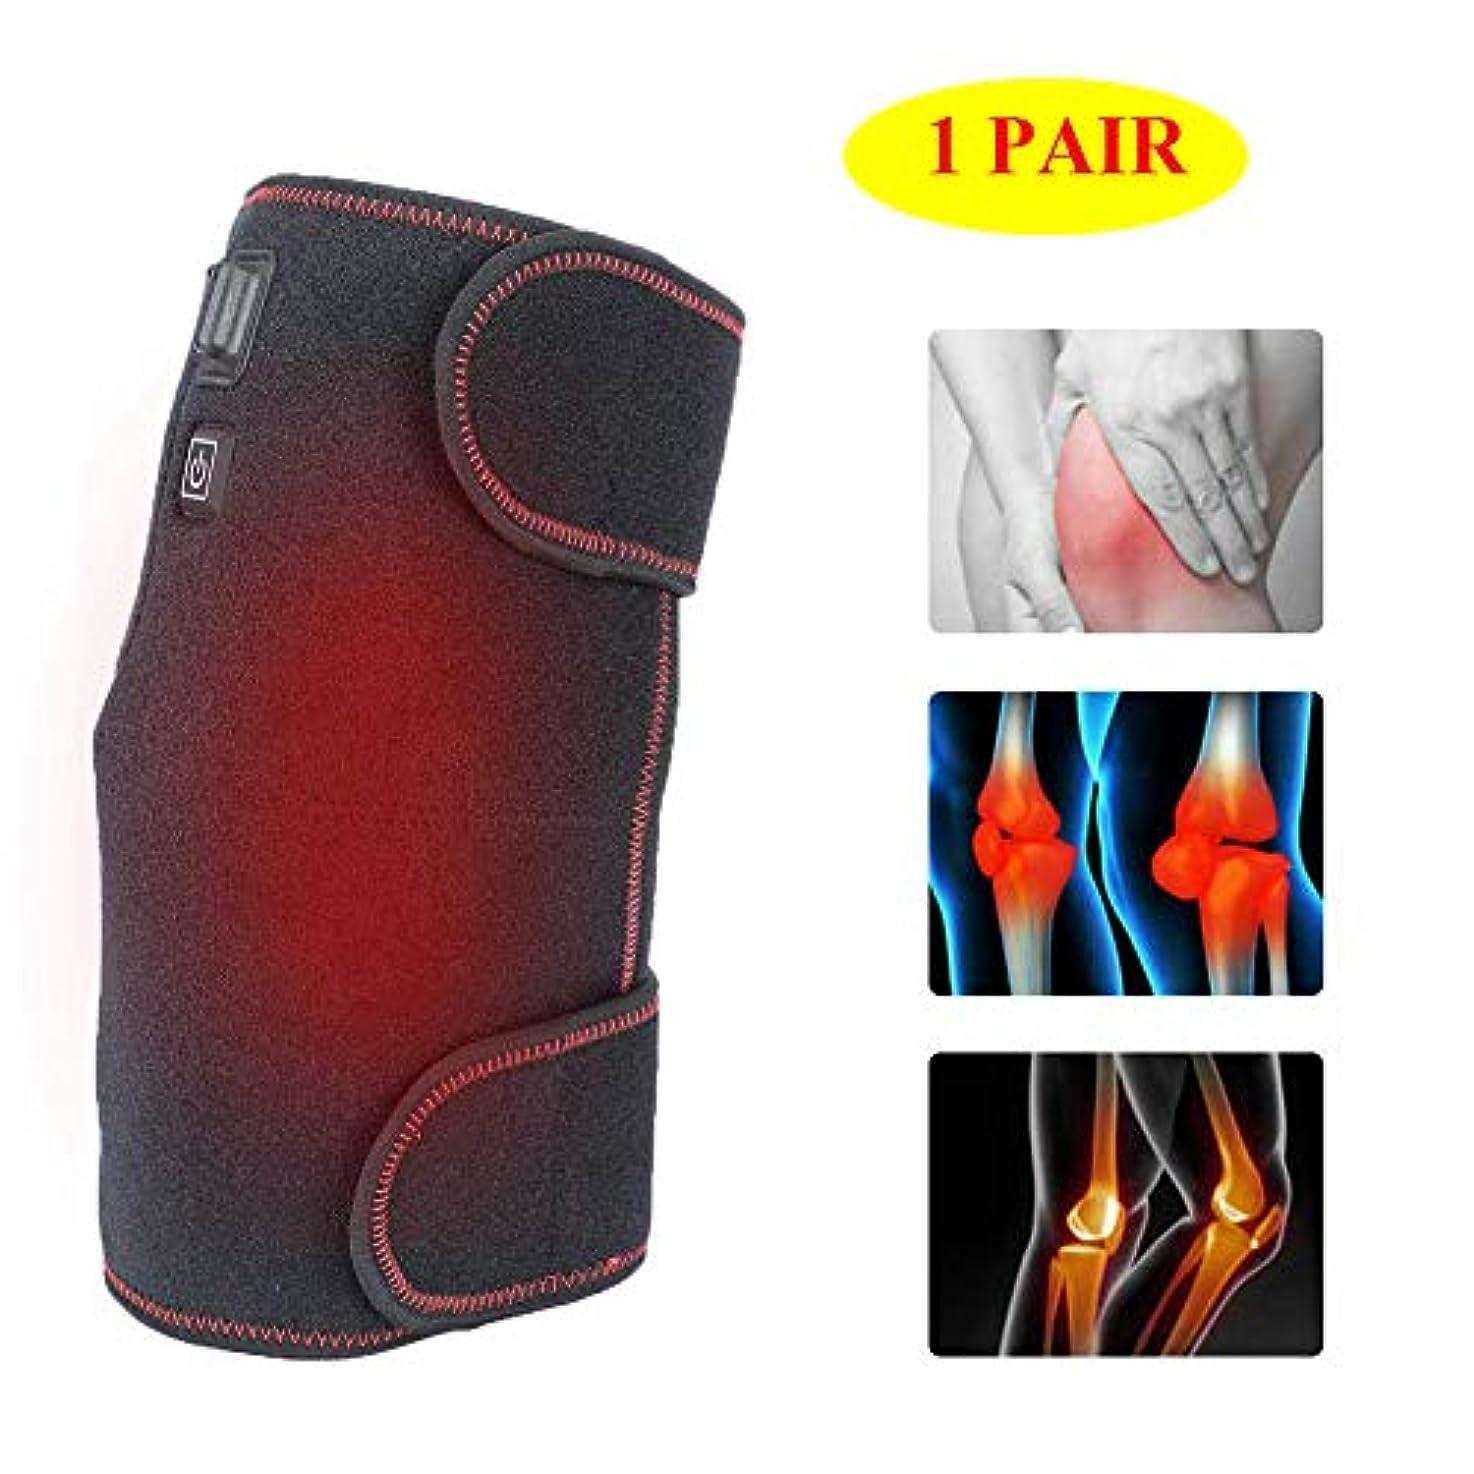 トランクライブラリオセアニア圧倒的3ファイル温度の膝ブレース1ペアを加熱-膝の怪我のためのUSB充電式治療加熱パッド脚ウォームラップ